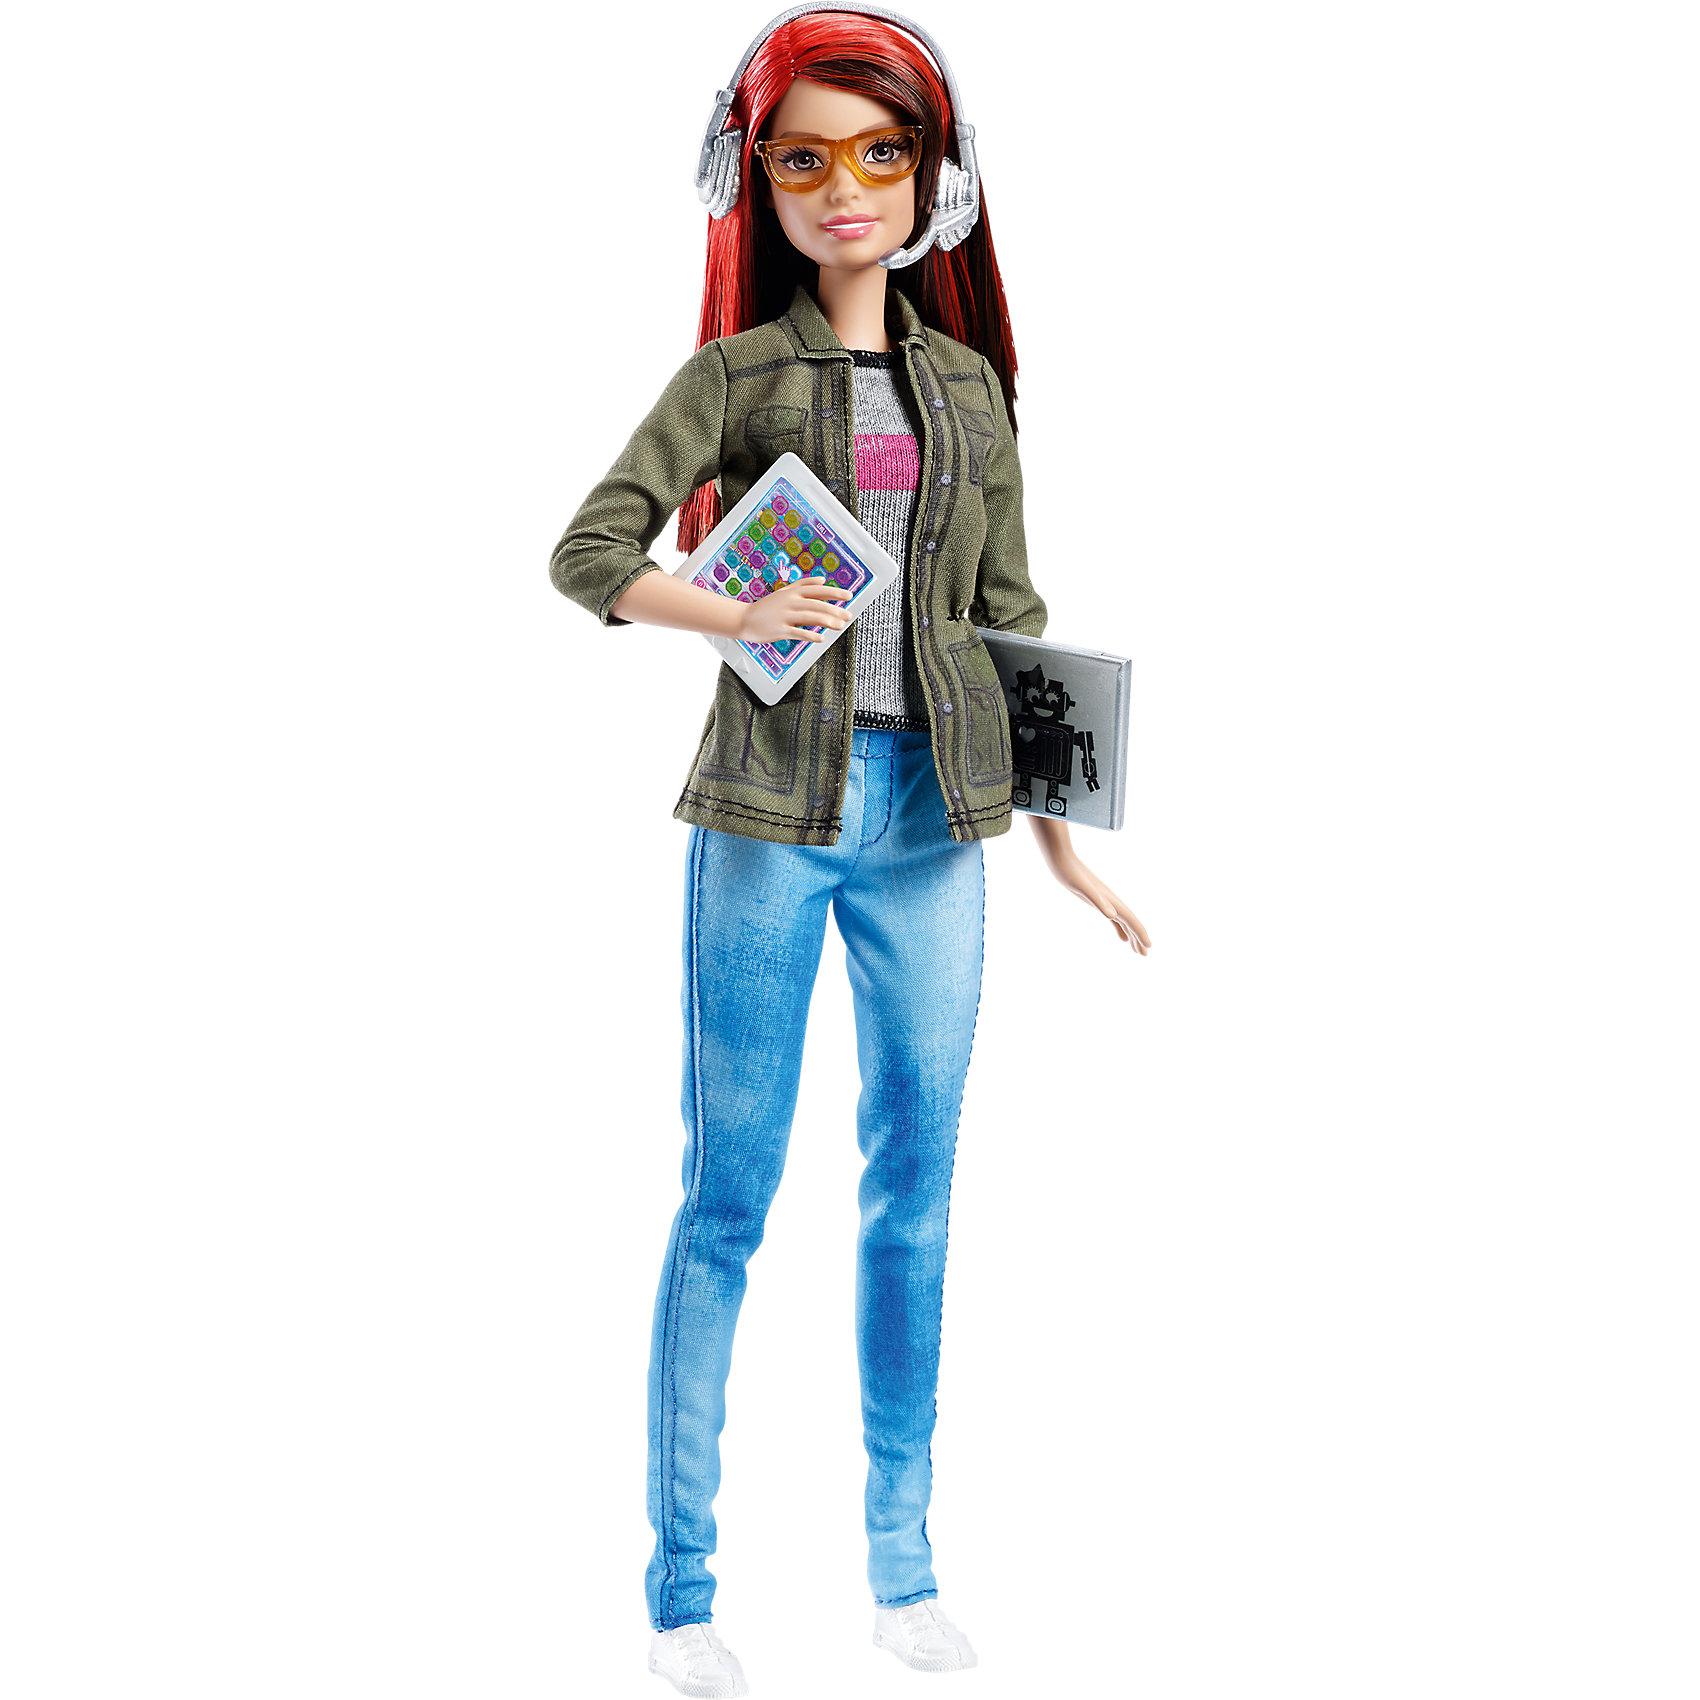 Кукла разработчик компьютерных игр, BarbieПопулярные игрушки<br>Кукла разработчик компьютерных игр, Barbie от Mattel (Маттел) ? Барби предстает в новом образе ультрасовременной разработчицы компьютерных игр. Наряд куклы соответствует ее новой профессии: слегка потертые джинсы, трикотажная маечка, жакет защитного цвета с рукавами три четверти и белые кроссовки. Волосы ? прямые, ярко рыжего цвета. Барби носит очки. В комплекте имеются аксессуары, характеризующие род деятельности ? планшет, ноутбук и наушники. Все элементы выполнены из безопасного и нетоксичного пластика. <br>Кукла разработчик компьютерных игр, Barbie от Mattel (Маттел) может быть отличным вариантом в качестве подарка для девочки к любому торжеству.<br><br>Дополнительная информация:<br><br>- Вид игр: сюжетно-ролевые <br>- Предназначение: для дома<br>- Комплектация: Кукла, компьютер, очки, планшет, наушники <br>- Материал: пластик, резина, текстиль<br>- Размеры (Д*Ш*В): 28*15*6 см<br>- Вес: 210 г<br><br>Подробнее:<br><br>• Для детей в возрасте: от 3 лет и до 6 лет<br>• Страна производитель: Китай<br>• Торговый бренд: Barbie<br><br>Куклу разработчика компьютерных игр, Barbie от Mattel (Маттел)  можно купить в нашем интернет-магазине.<br><br>Ширина мм: 329<br>Глубина мм: 205<br>Высота мм: 68<br>Вес г: 249<br>Возраст от месяцев: 36<br>Возраст до месяцев: 72<br>Пол: Женский<br>Возраст: Детский<br>SKU: 4765325